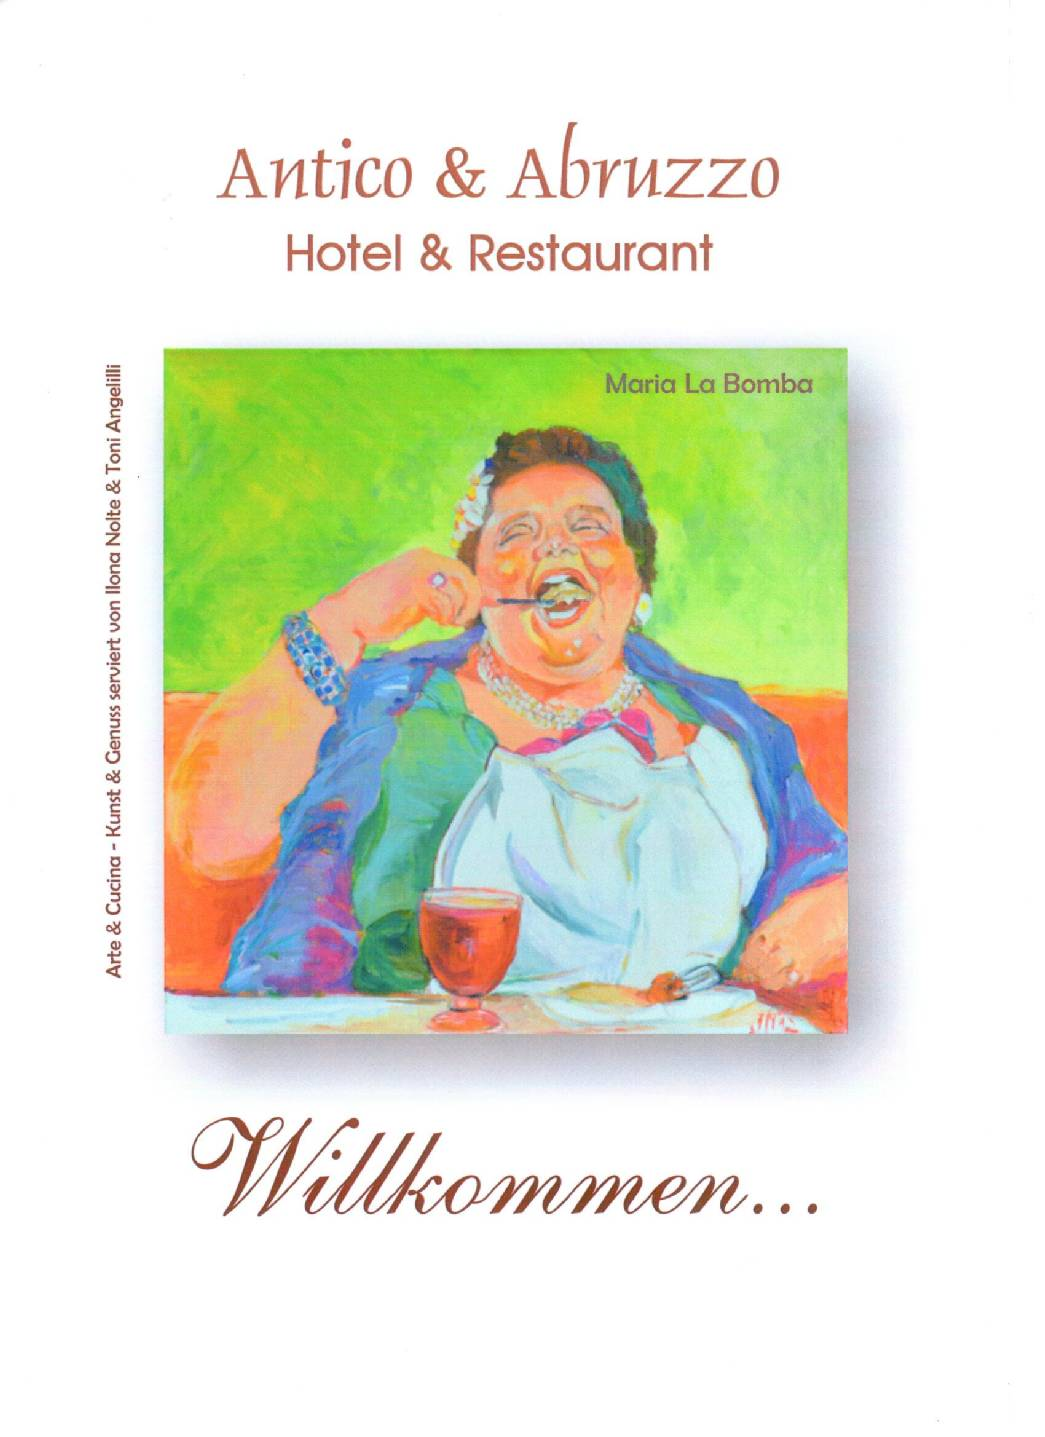 Gemalte Kinderbilder hotel und restaurant antico abruzzo in hann münden antico